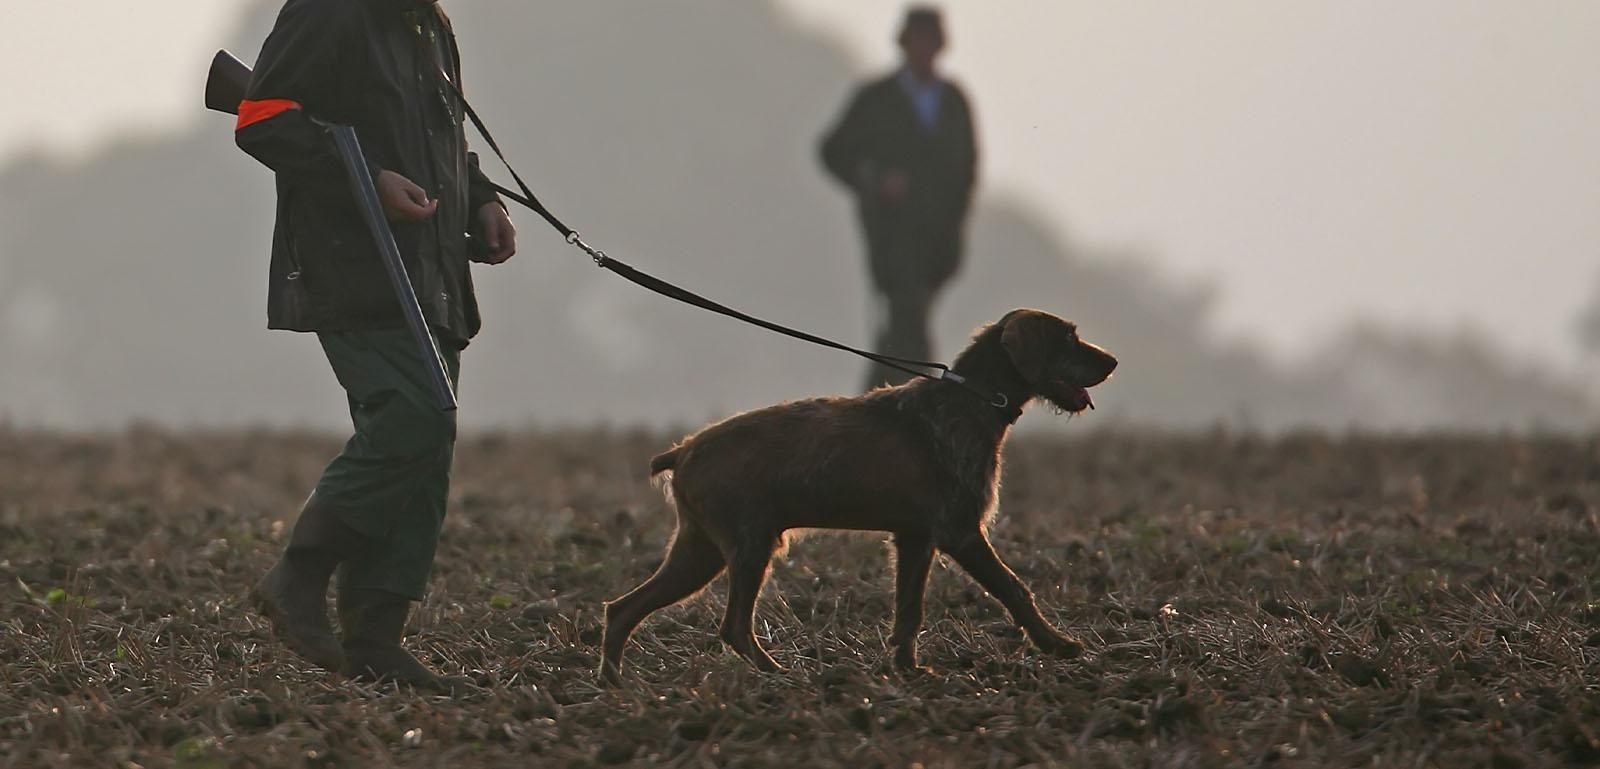 chasseur petit gibier et son chien en plaine